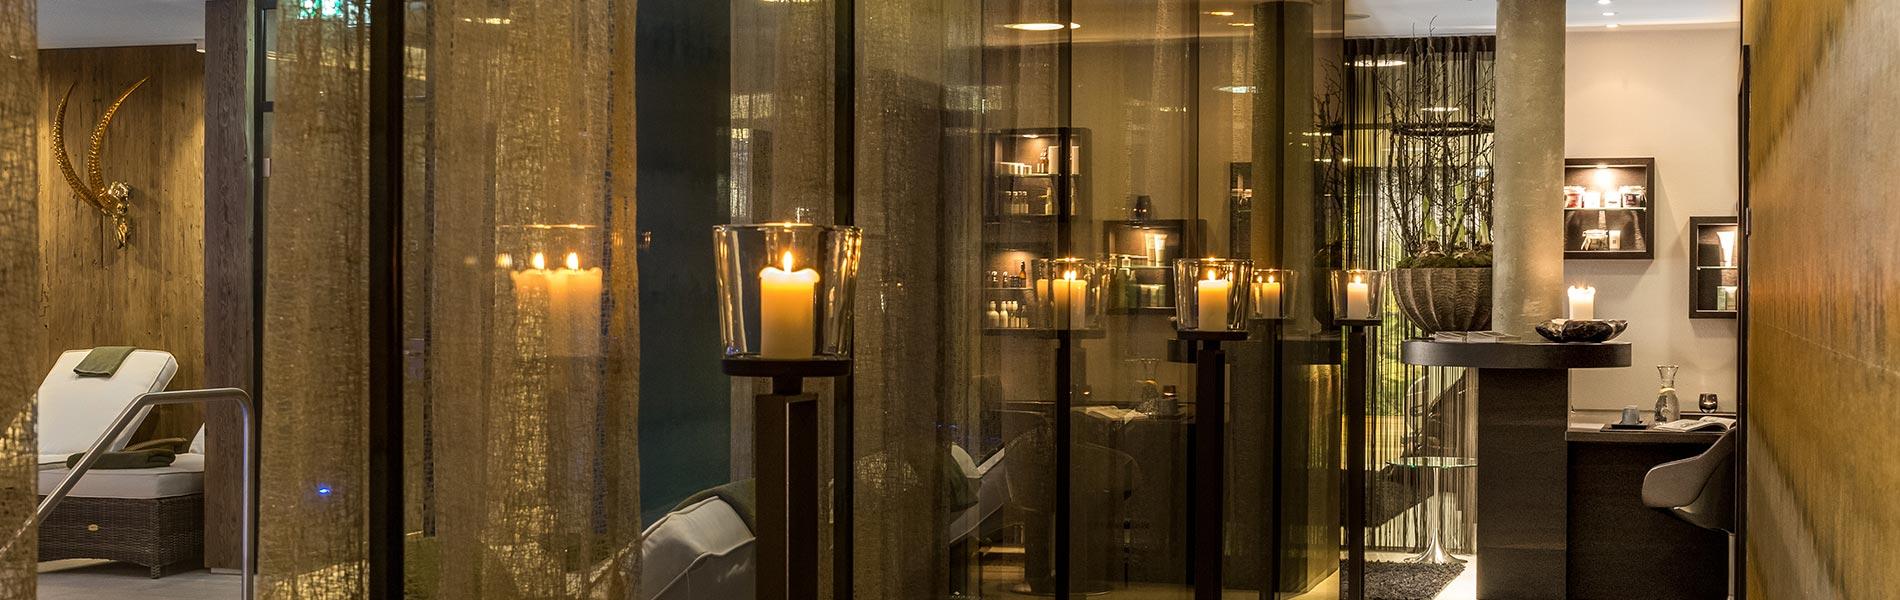 Spa-Bereich Hotel Rosengarten 5 Sterne Hotel Relais & Châteaux Hotel Kirchberg Tirol Austria